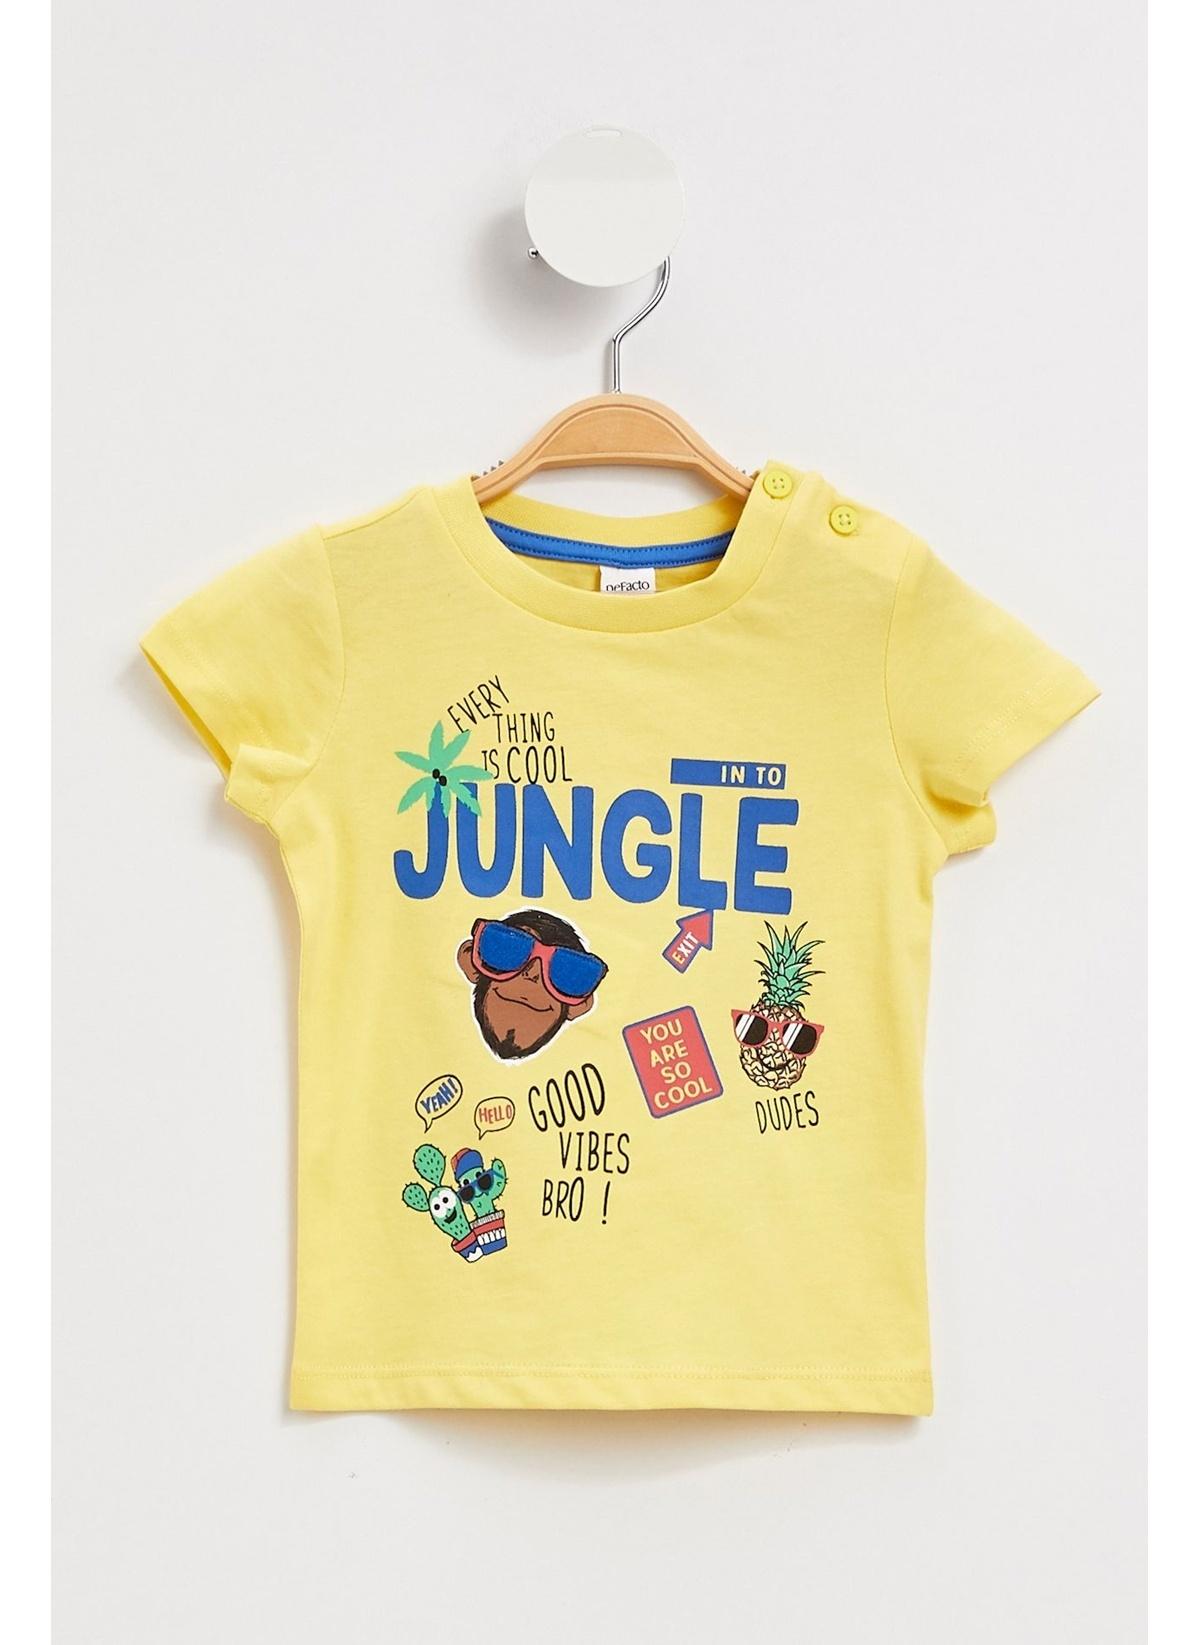 Defacto Tişört K6082a219smyl66 Baskılı T-shirt – 24.99 TL